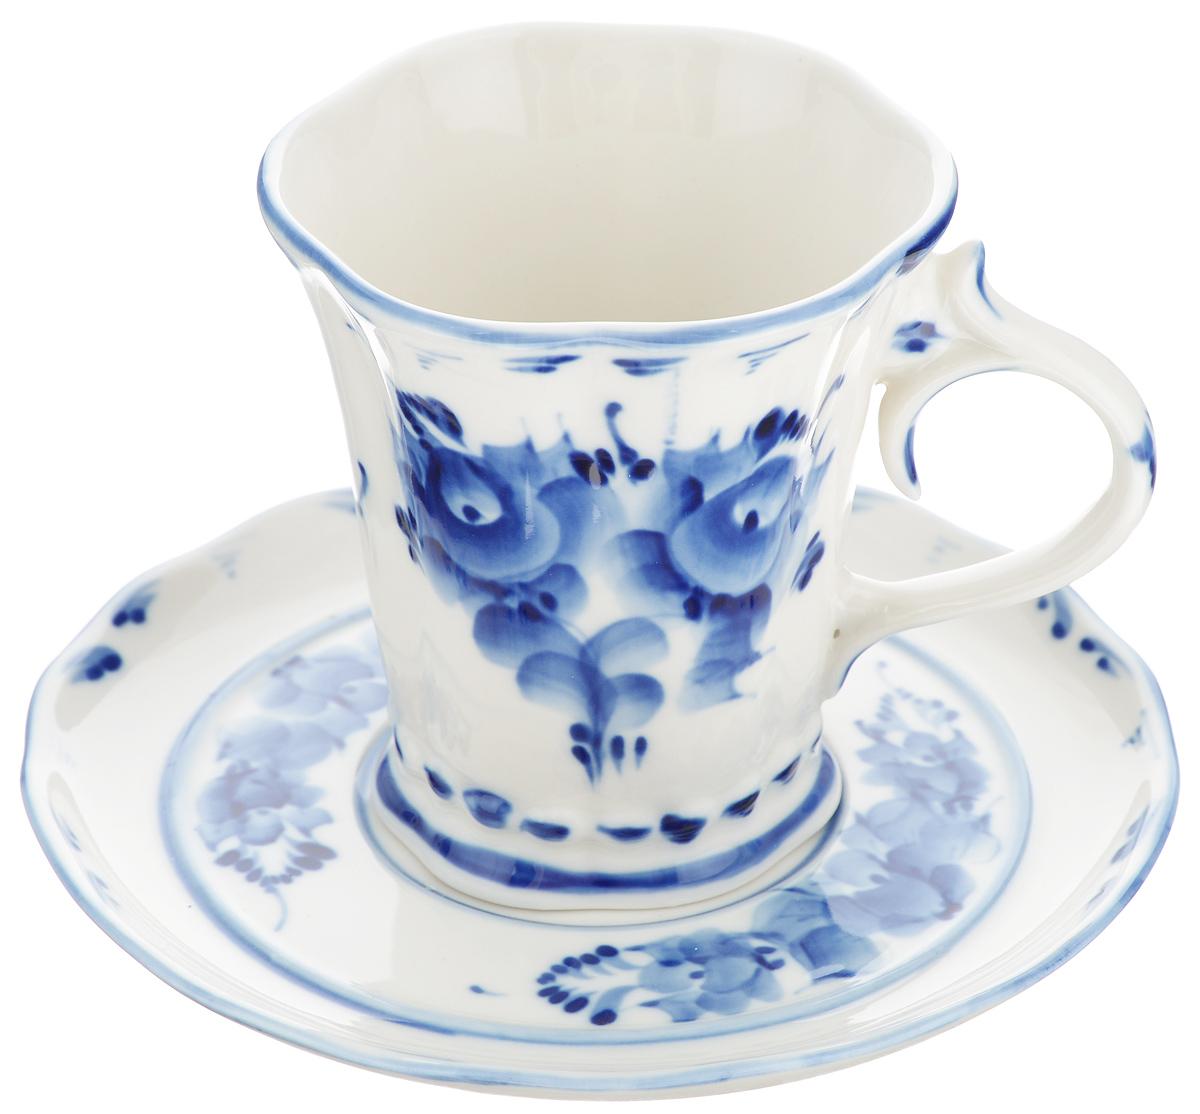 Чайная пара Катерина, цвет: белый, синий, 2 предмета. 993010112993010112Чайная пара Катерина состоит из чашки и блюдца, изготовленных из фарфора белого цвета, расписанного вручную. Яркий дизайн, несомненно, придется вам по вкусу. Чайная пара Катерина украсит ваш кухонный стол, а также станет замечательным подарком к любому празднику. Не применять абразивные чистящие средства. Не использовать в микроволновой печи. Мыть с применением нейтральных моющих средств. Не рекомендуется использовать в посудомоечных машинах. Объем чашки: 250 мл. Диаметр чашки по верхнему краю: 8,5 см. Диаметр основания: 6 см. Высота чашки: 9,5 см. Диаметр блюдца: 15 см.